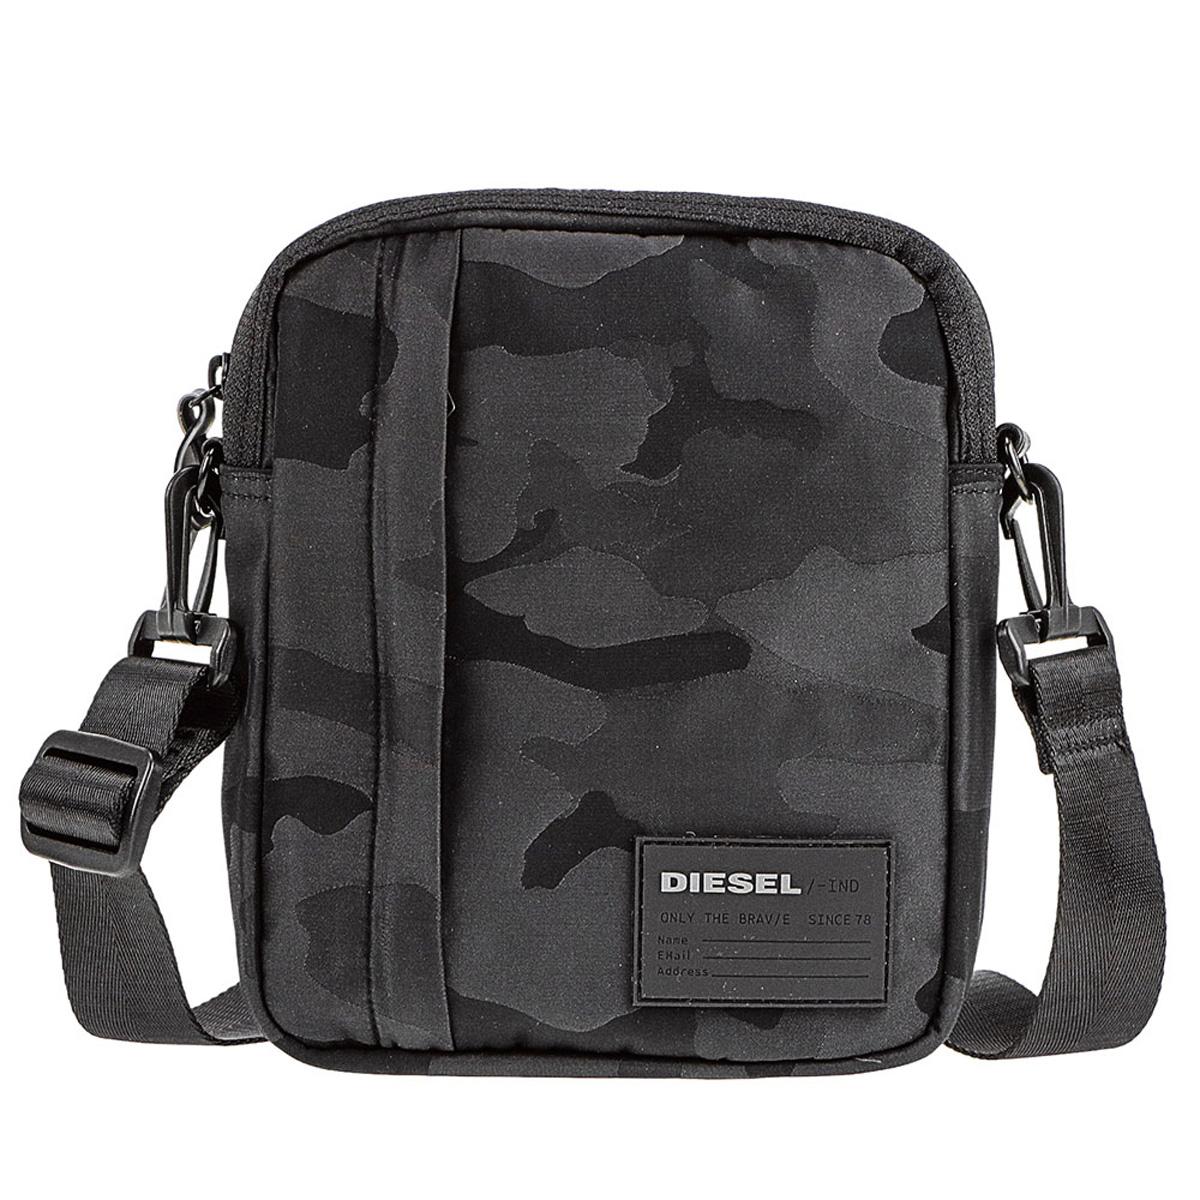 ディーゼル DIESEL バッグ X06266 P2084 T8013 ODERZO ショルダーバッグ 斜めがけバッグ BLACK ブラック+カモフラ柄(迷彩)